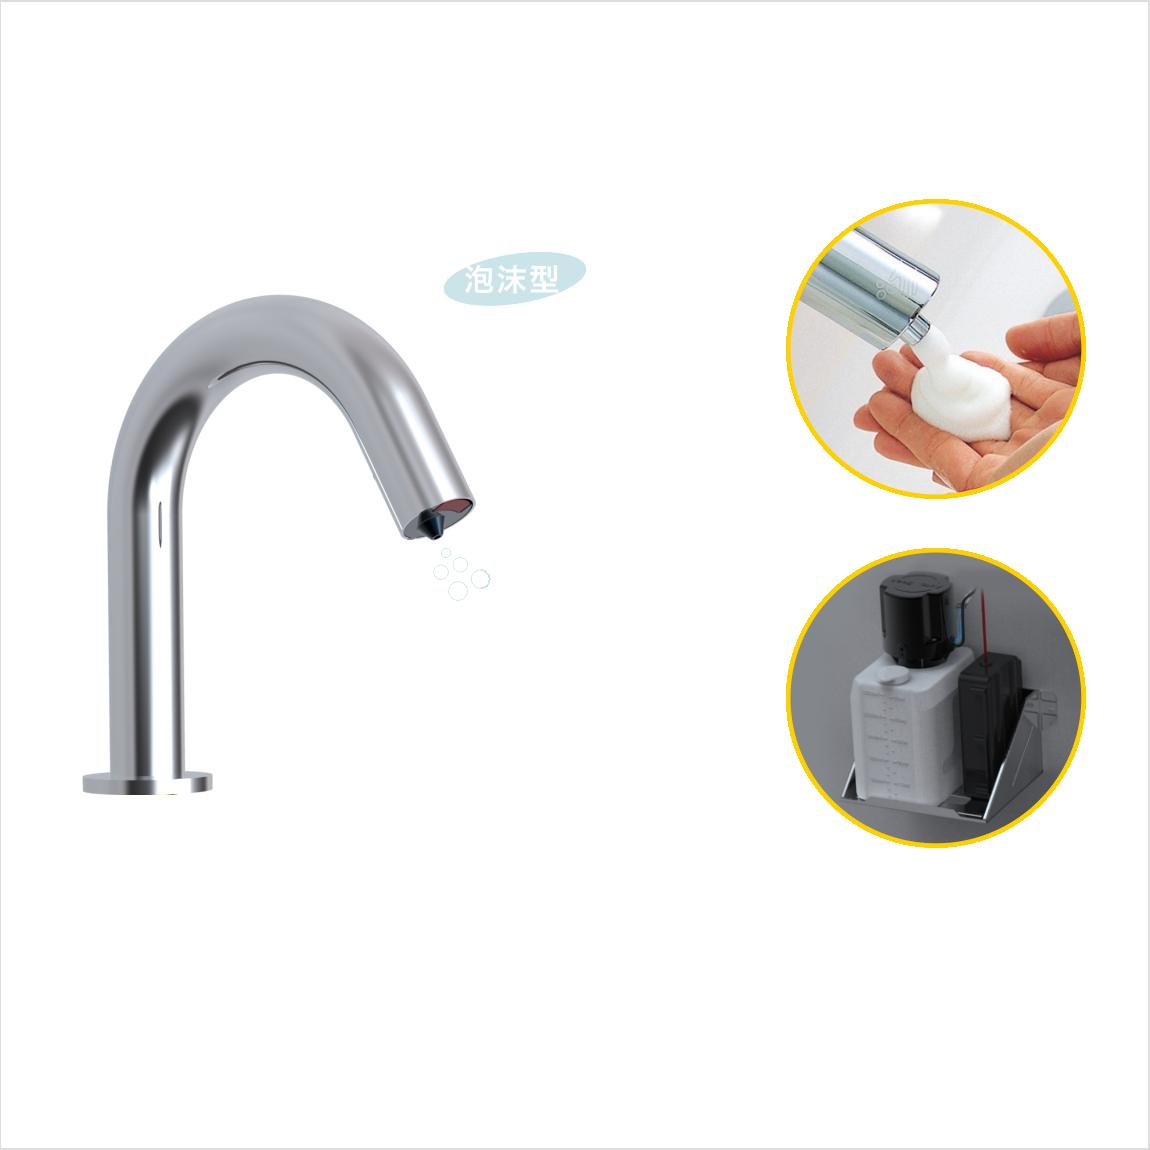 Sensor soap dispenser GBL-6630AD